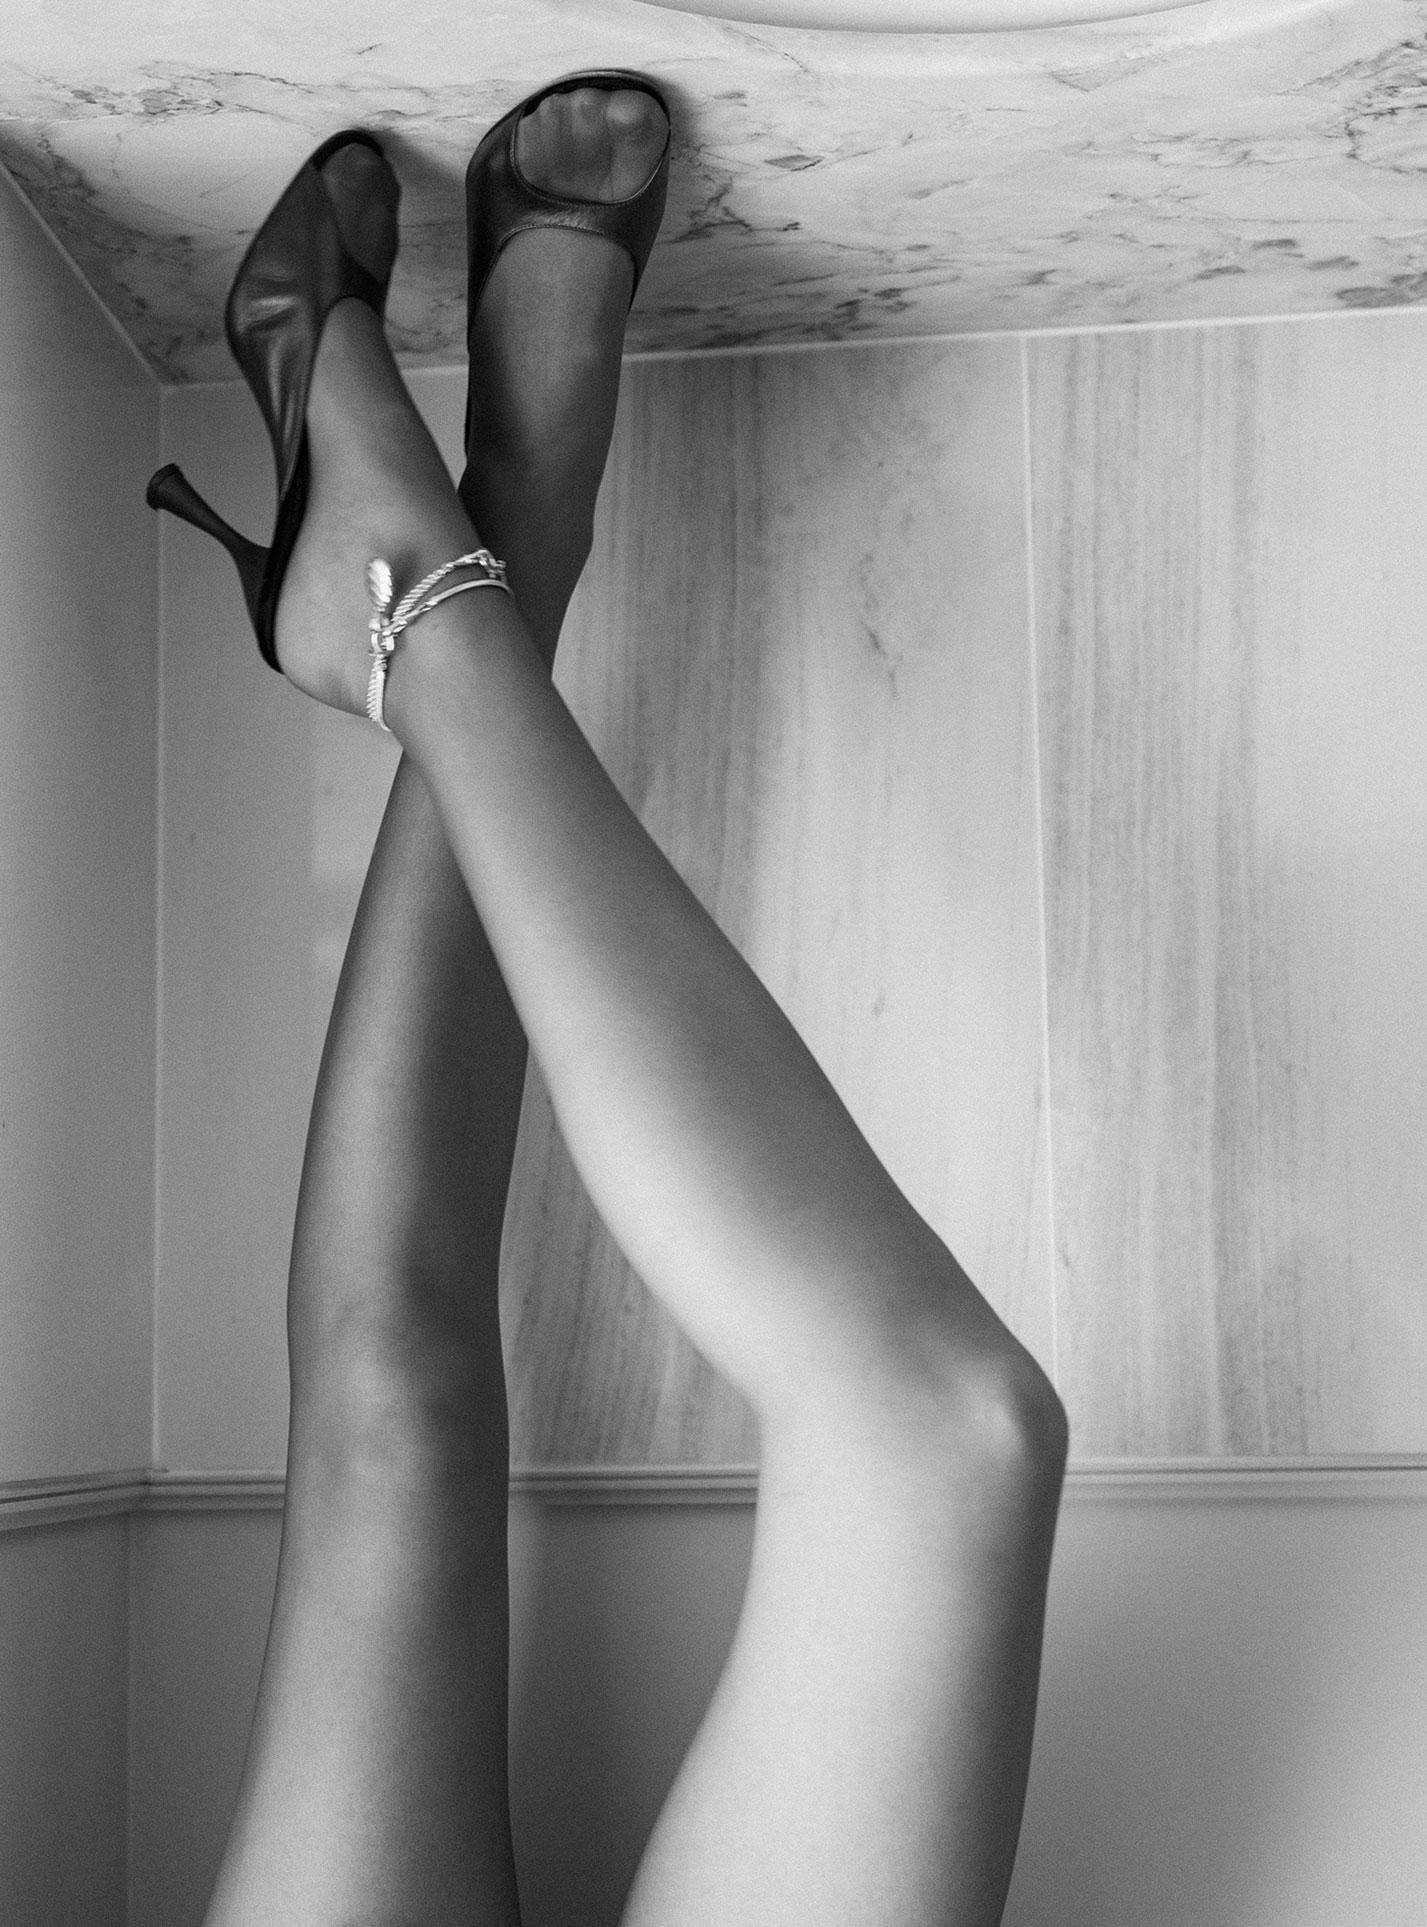 рекламная кампания парижского ювелирного бренда Bonanza / фото 18